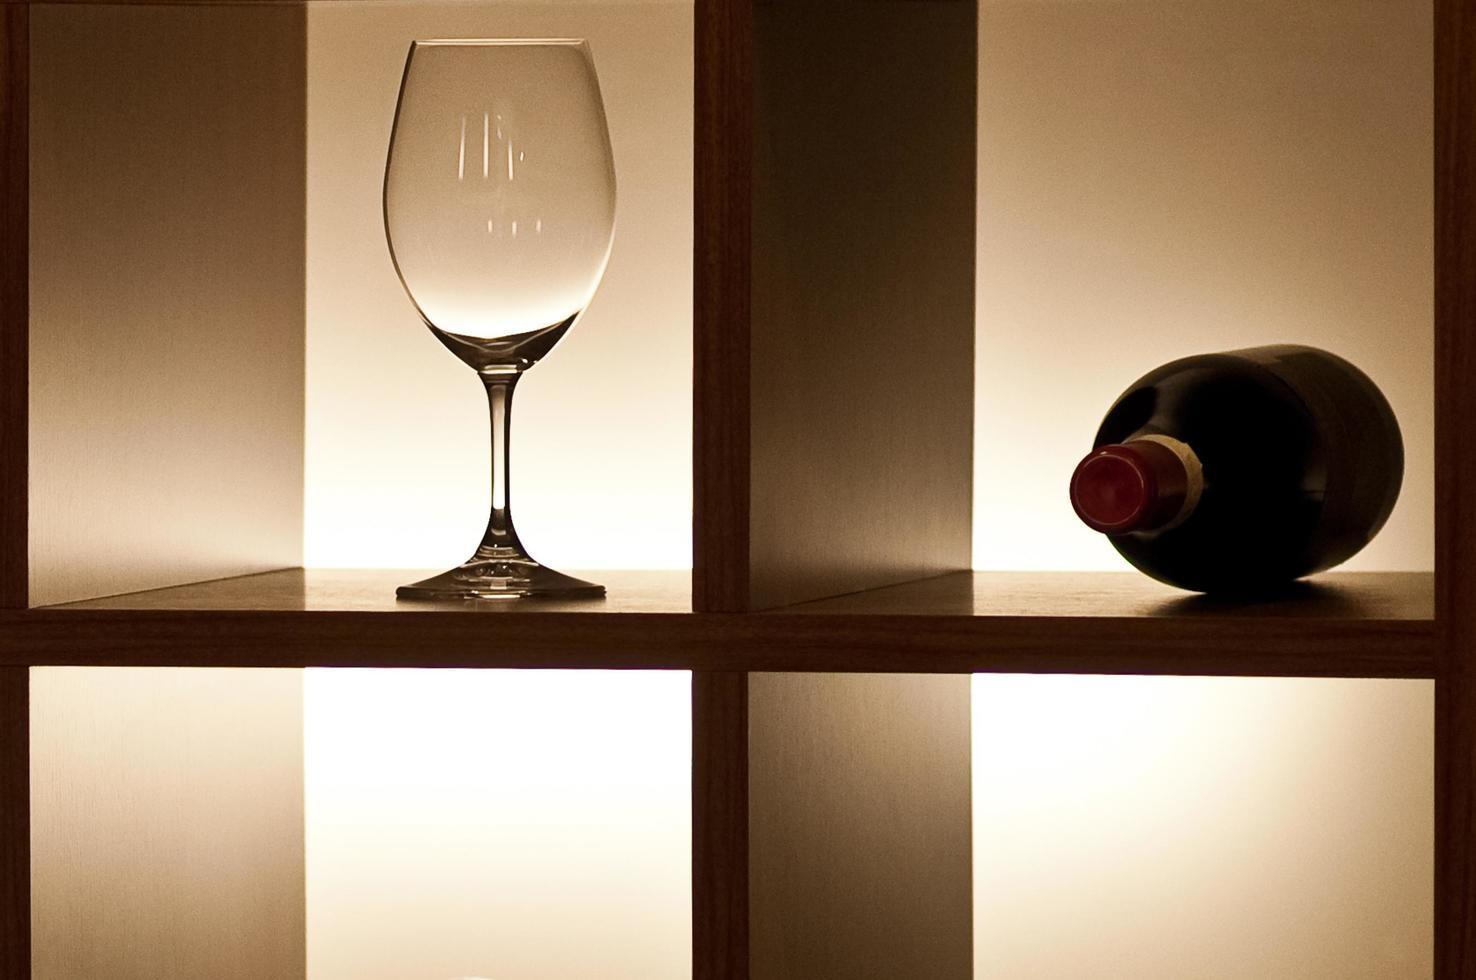 ett enda tomt vinglas med vackra reflektioner och en stängd flaska rött vin som ligger på en hylla med sidoljus i interiören foto